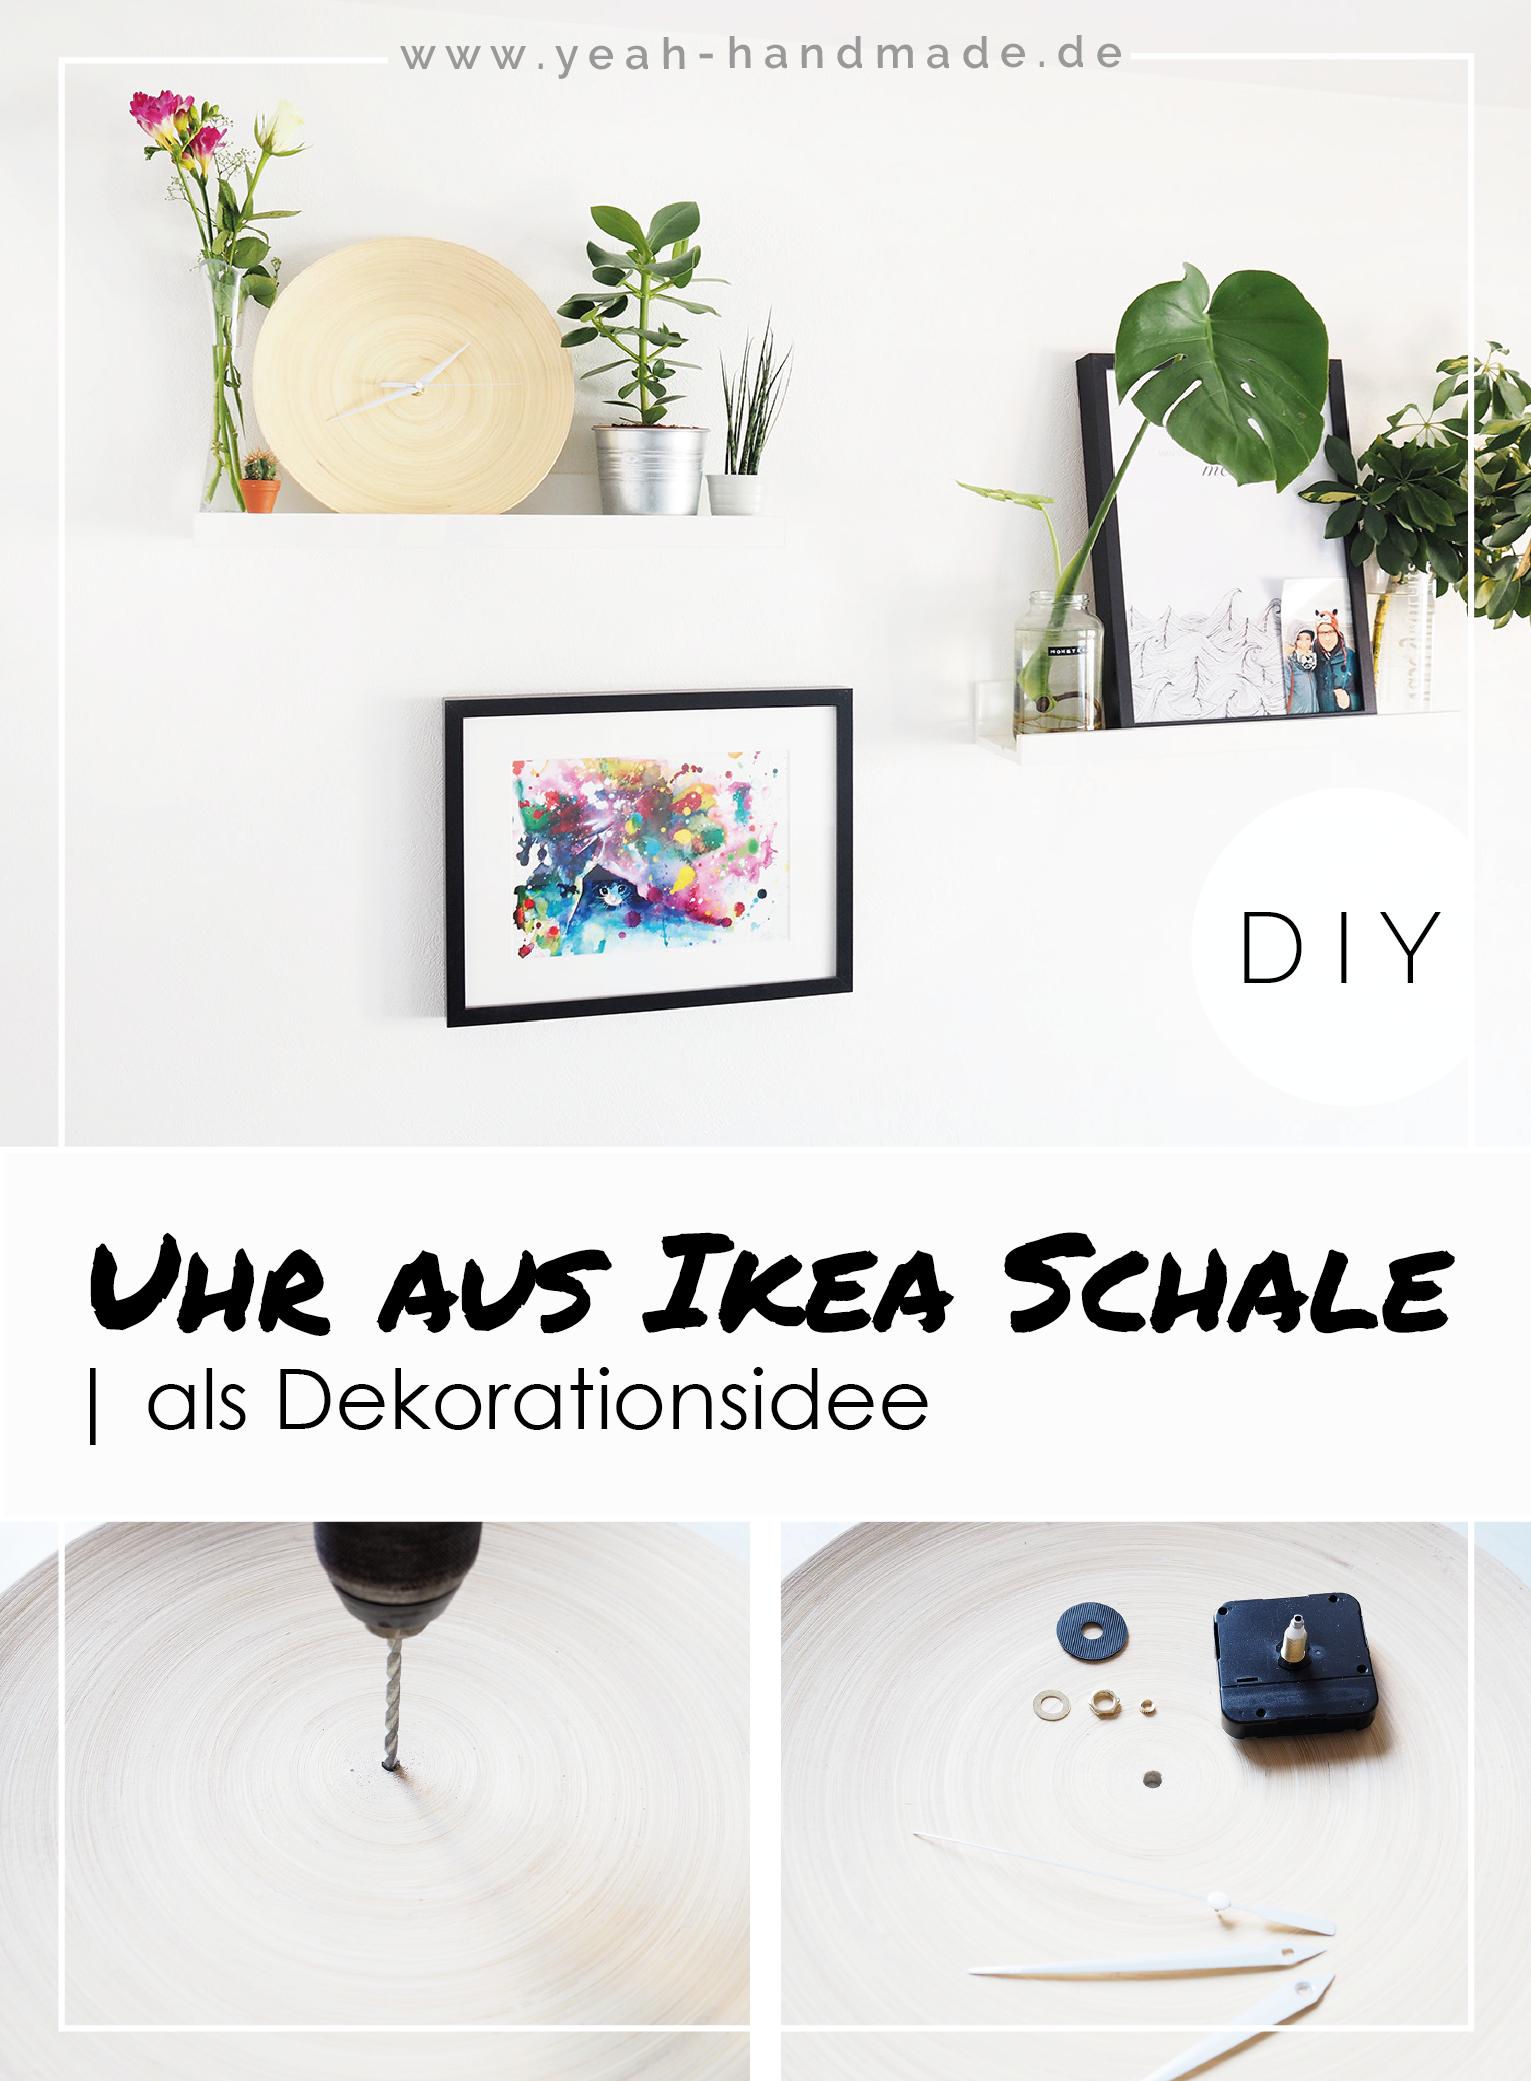 Diy Uhr Aus Der Ikea Bambus Schale Hultet Yeah Handmade Diy